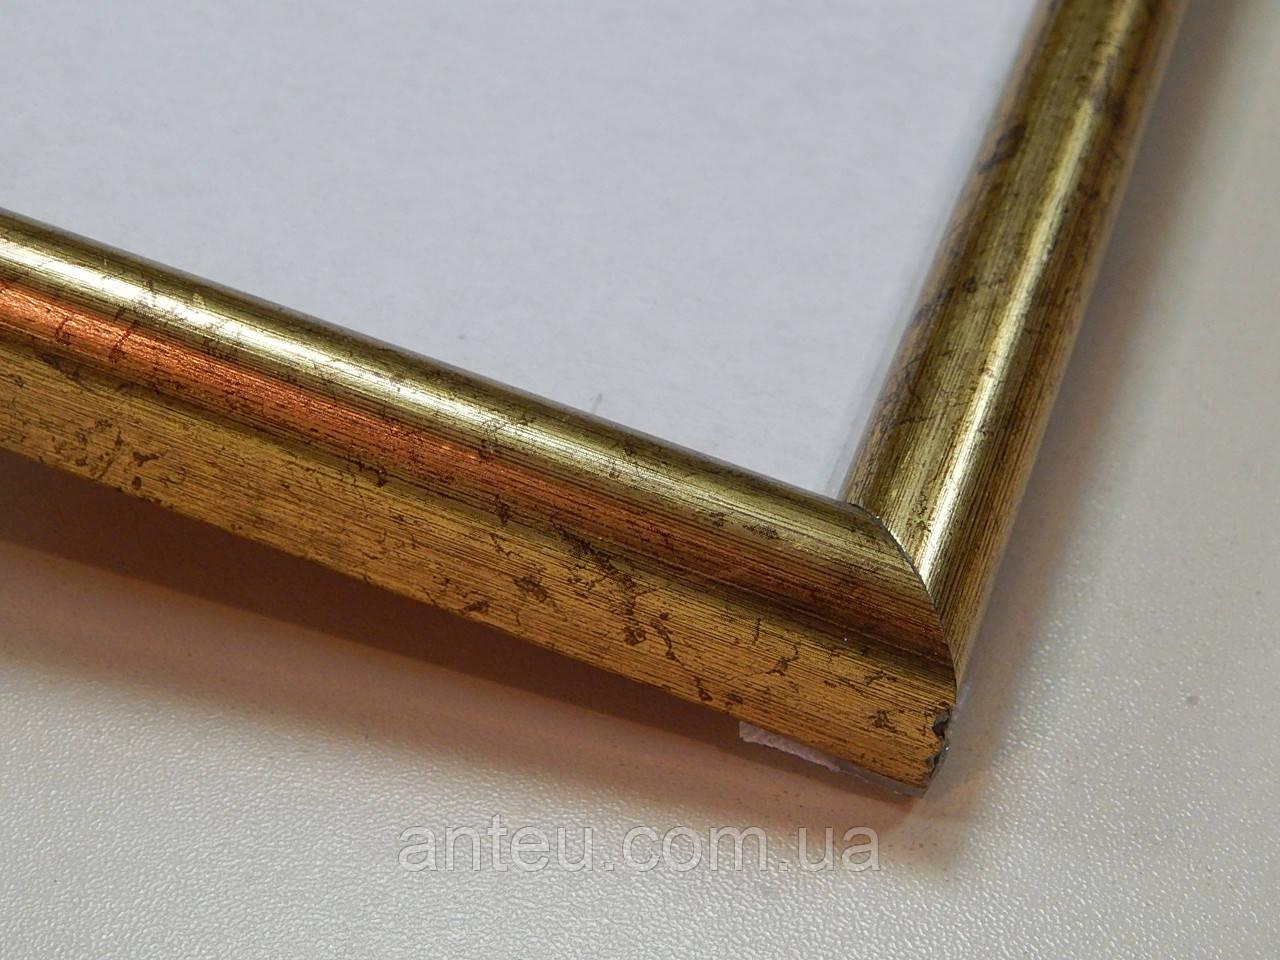 Рамка  А4 (210х297);14мм.Золото состаренное.Для фото,дипломов,грамот.Золото состаренное.